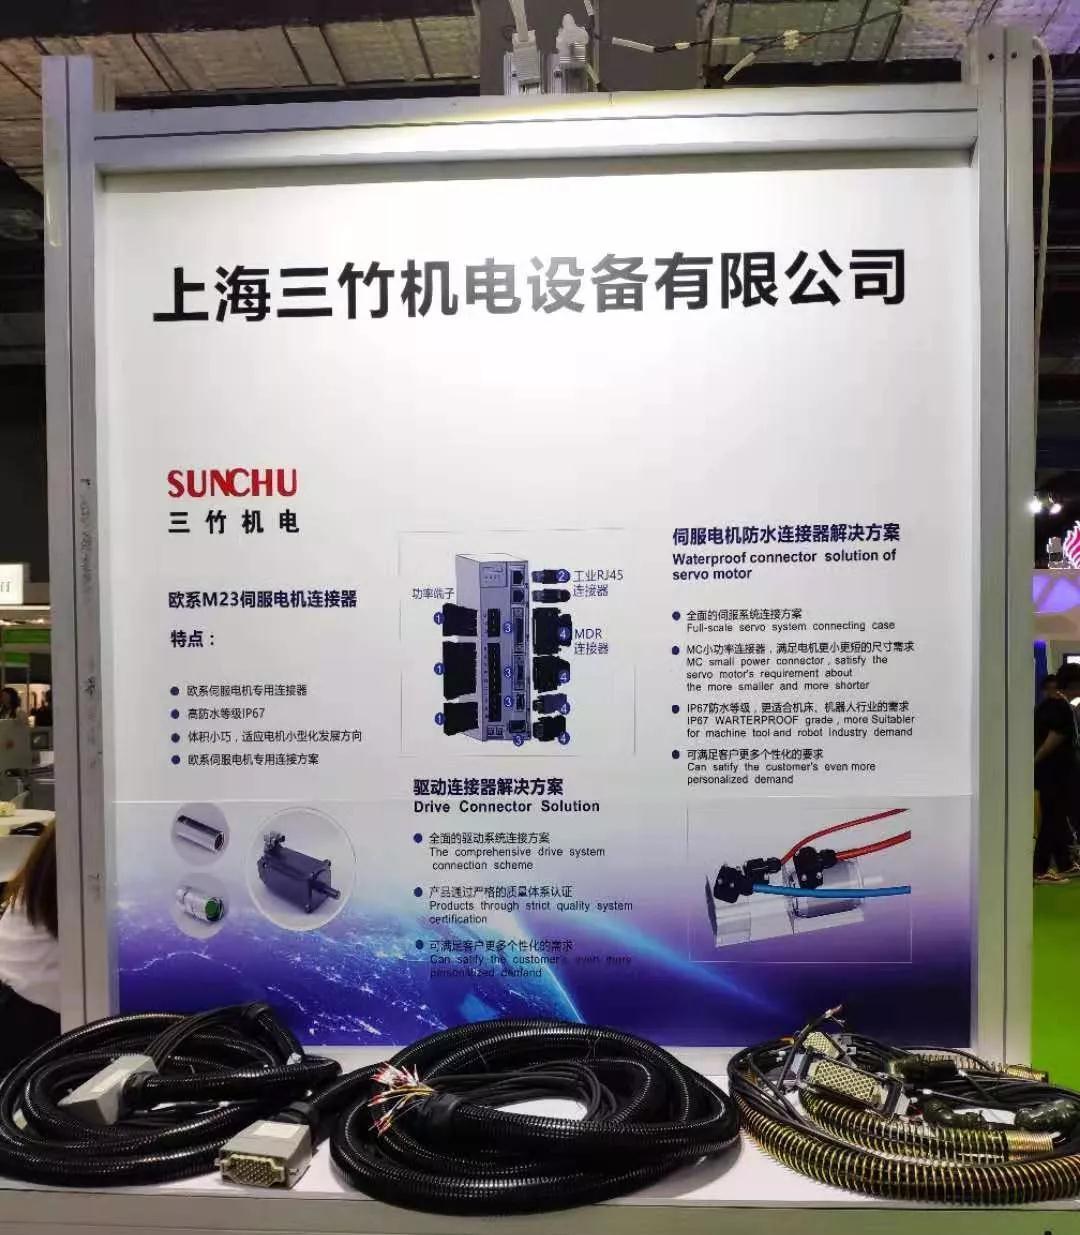 上海三竹机电配备有限公司.jpg